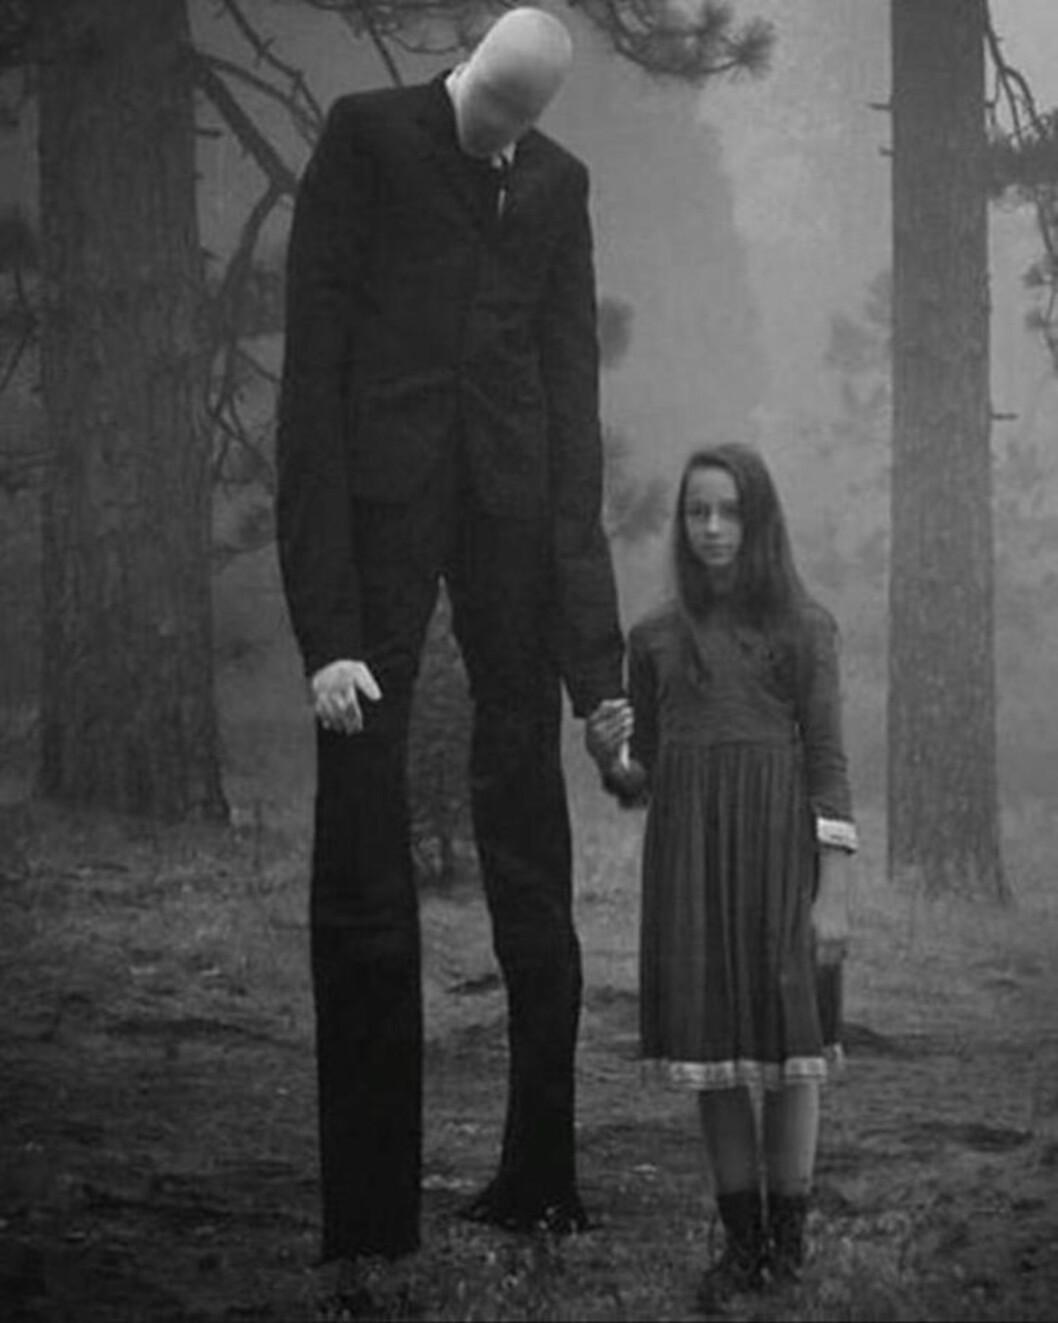 <strong>ANSIKTSLØS:</strong> Den pent kledde, men ansiktsløse «Slender Man» velger ifølge historien ut barn som han forfølger over lang tid. Til slutt tar ham dem med seg til et sted ingen vet hvor er. Bildet er fra en film om folkloren. Foto: Something Awful